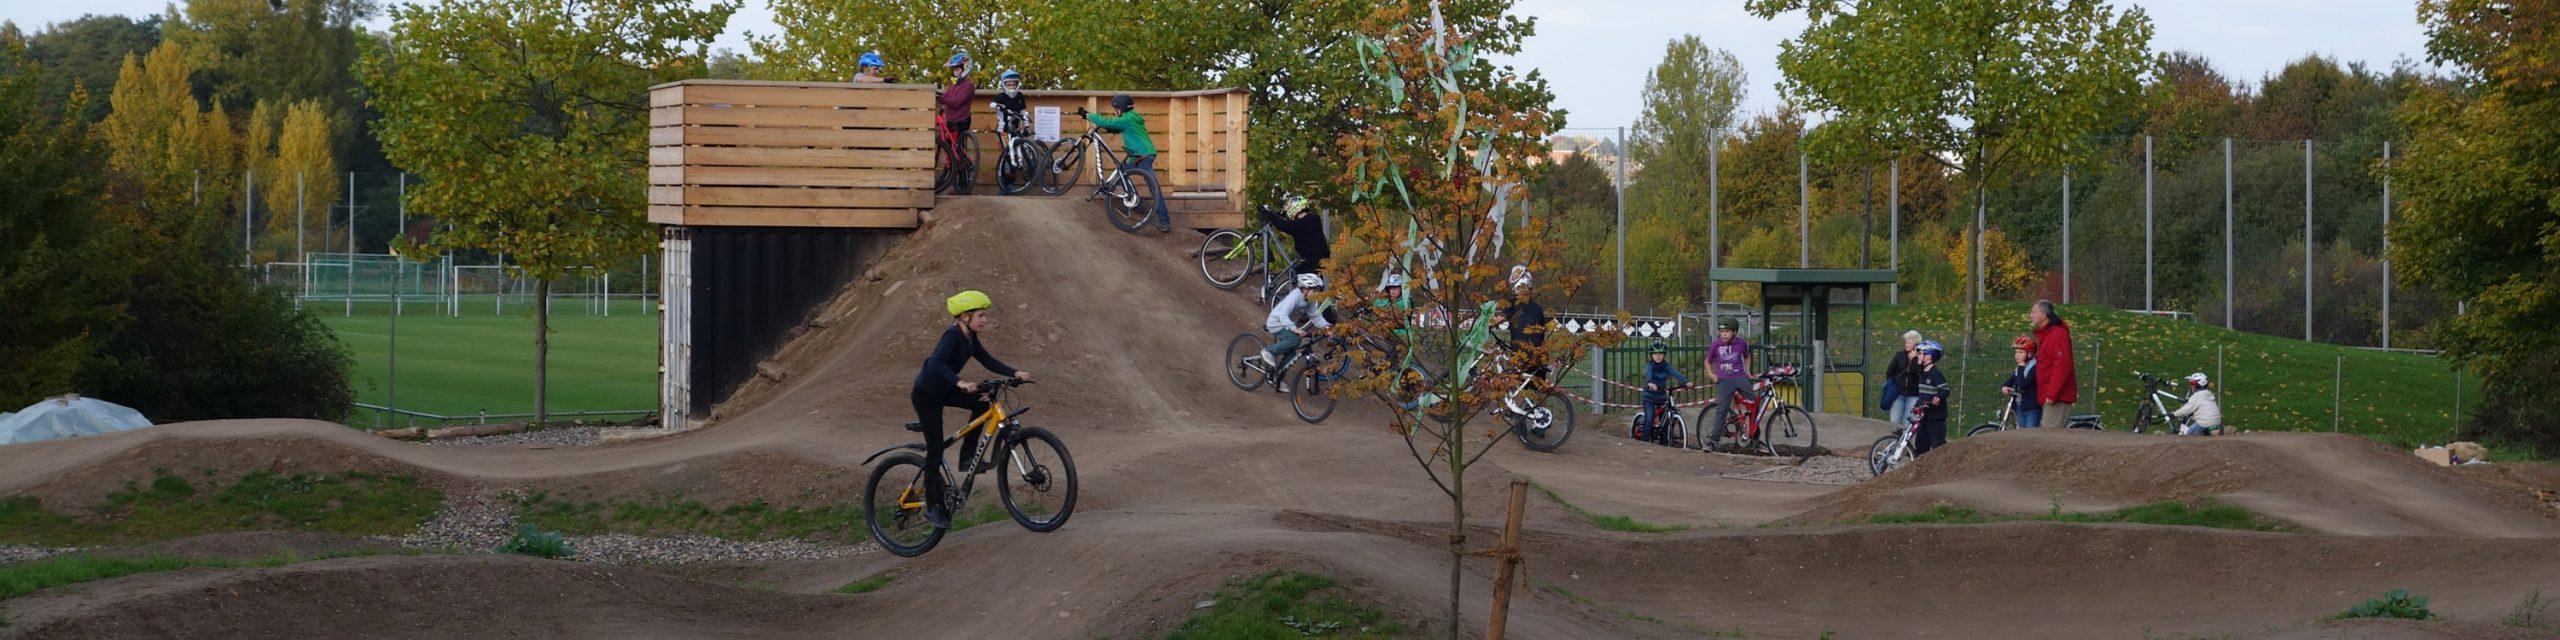 Dirtpark Kassel